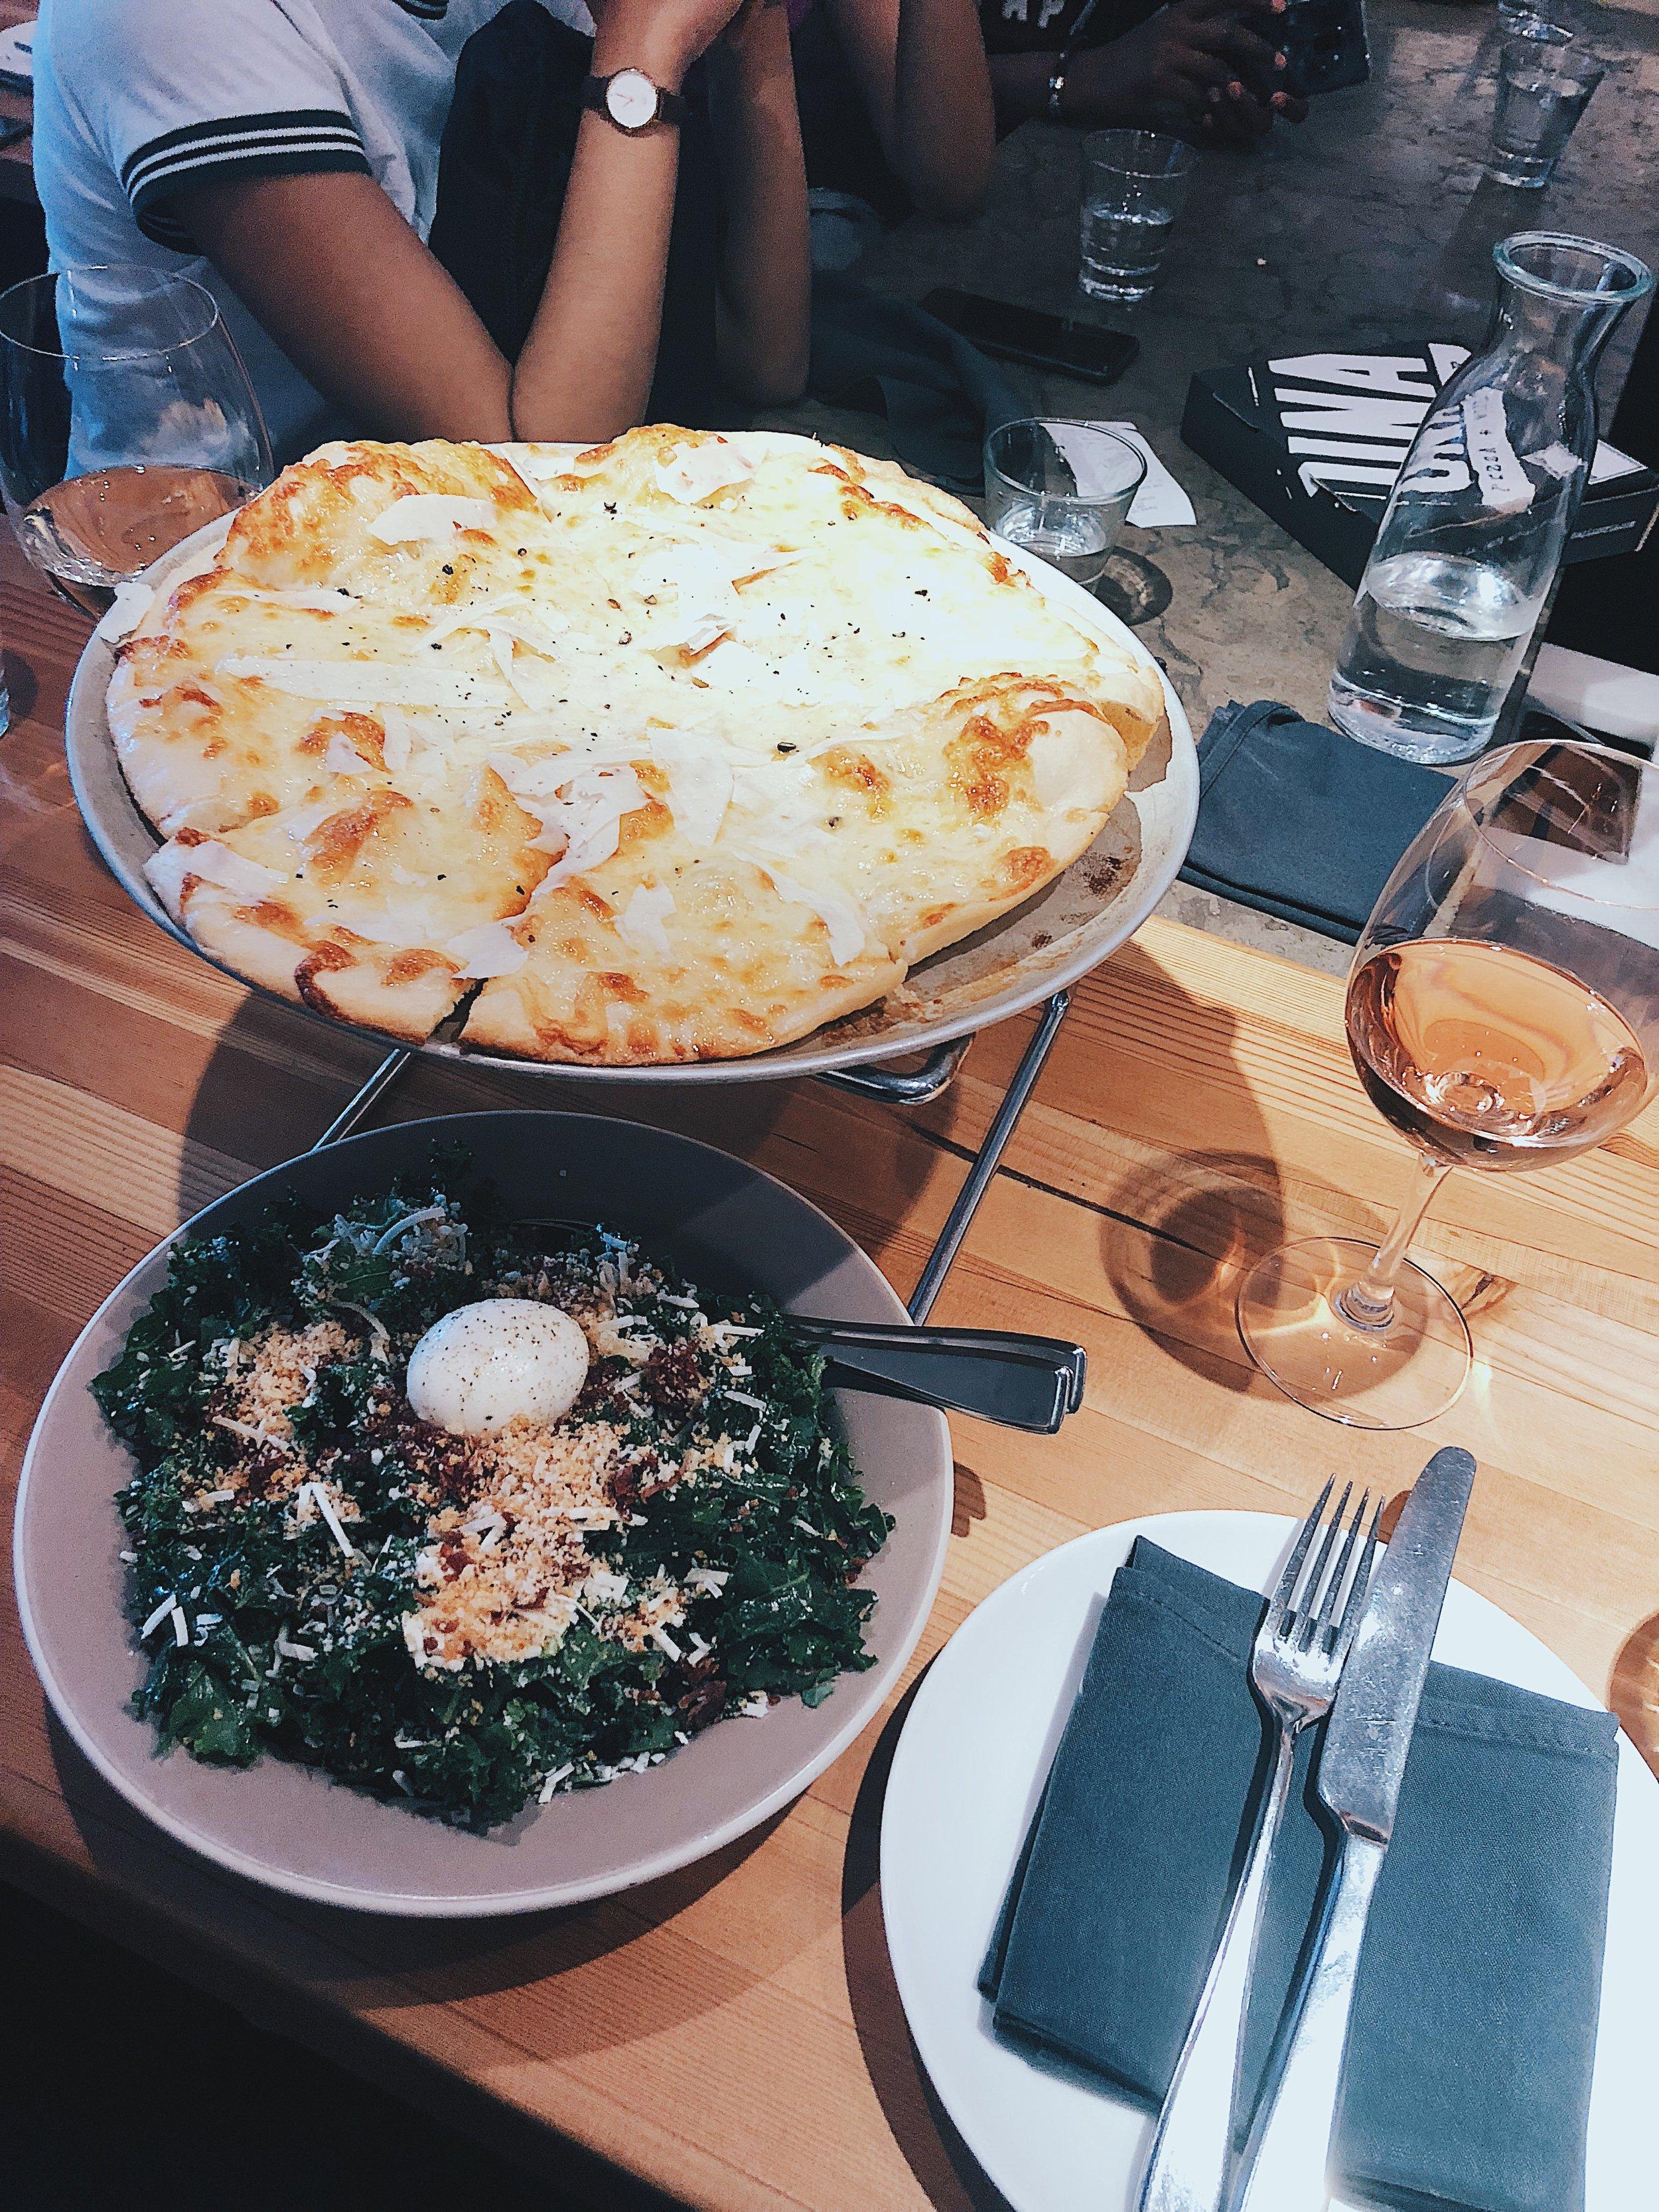 4-Maggi Pizza —provolone piccante, friulano, or di latte mozzarell, pecorino romano, truffle oil, local urban honey